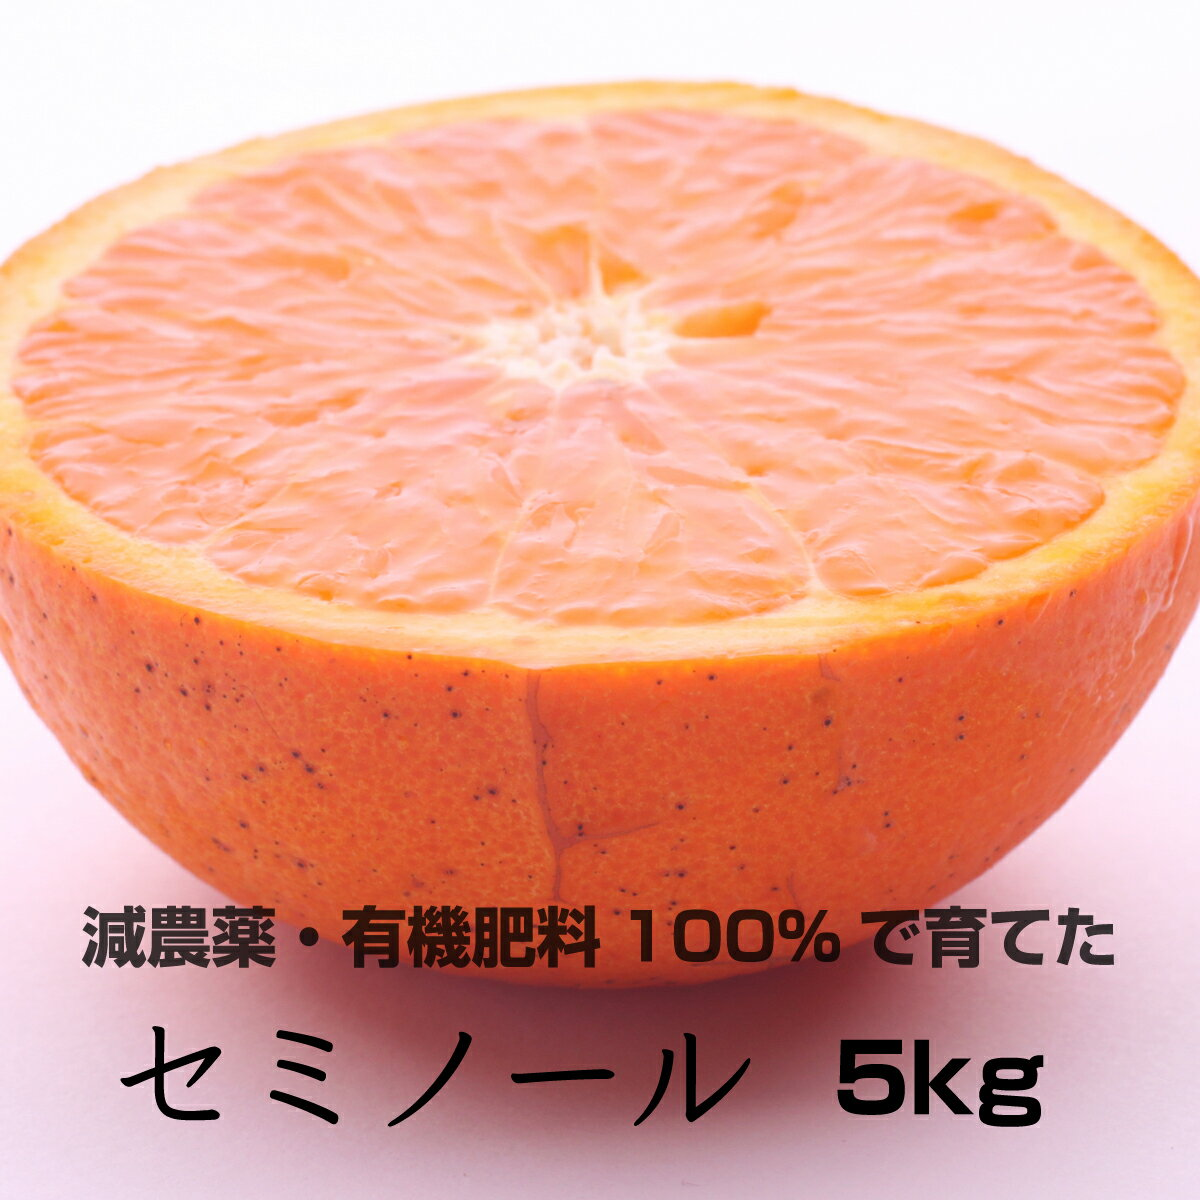 【ふるさと納税】特別栽培 セミノールオレンジ5kg 【発送時期指定可】【有機肥料100%・減農薬栽培の春みかんを農家直送】